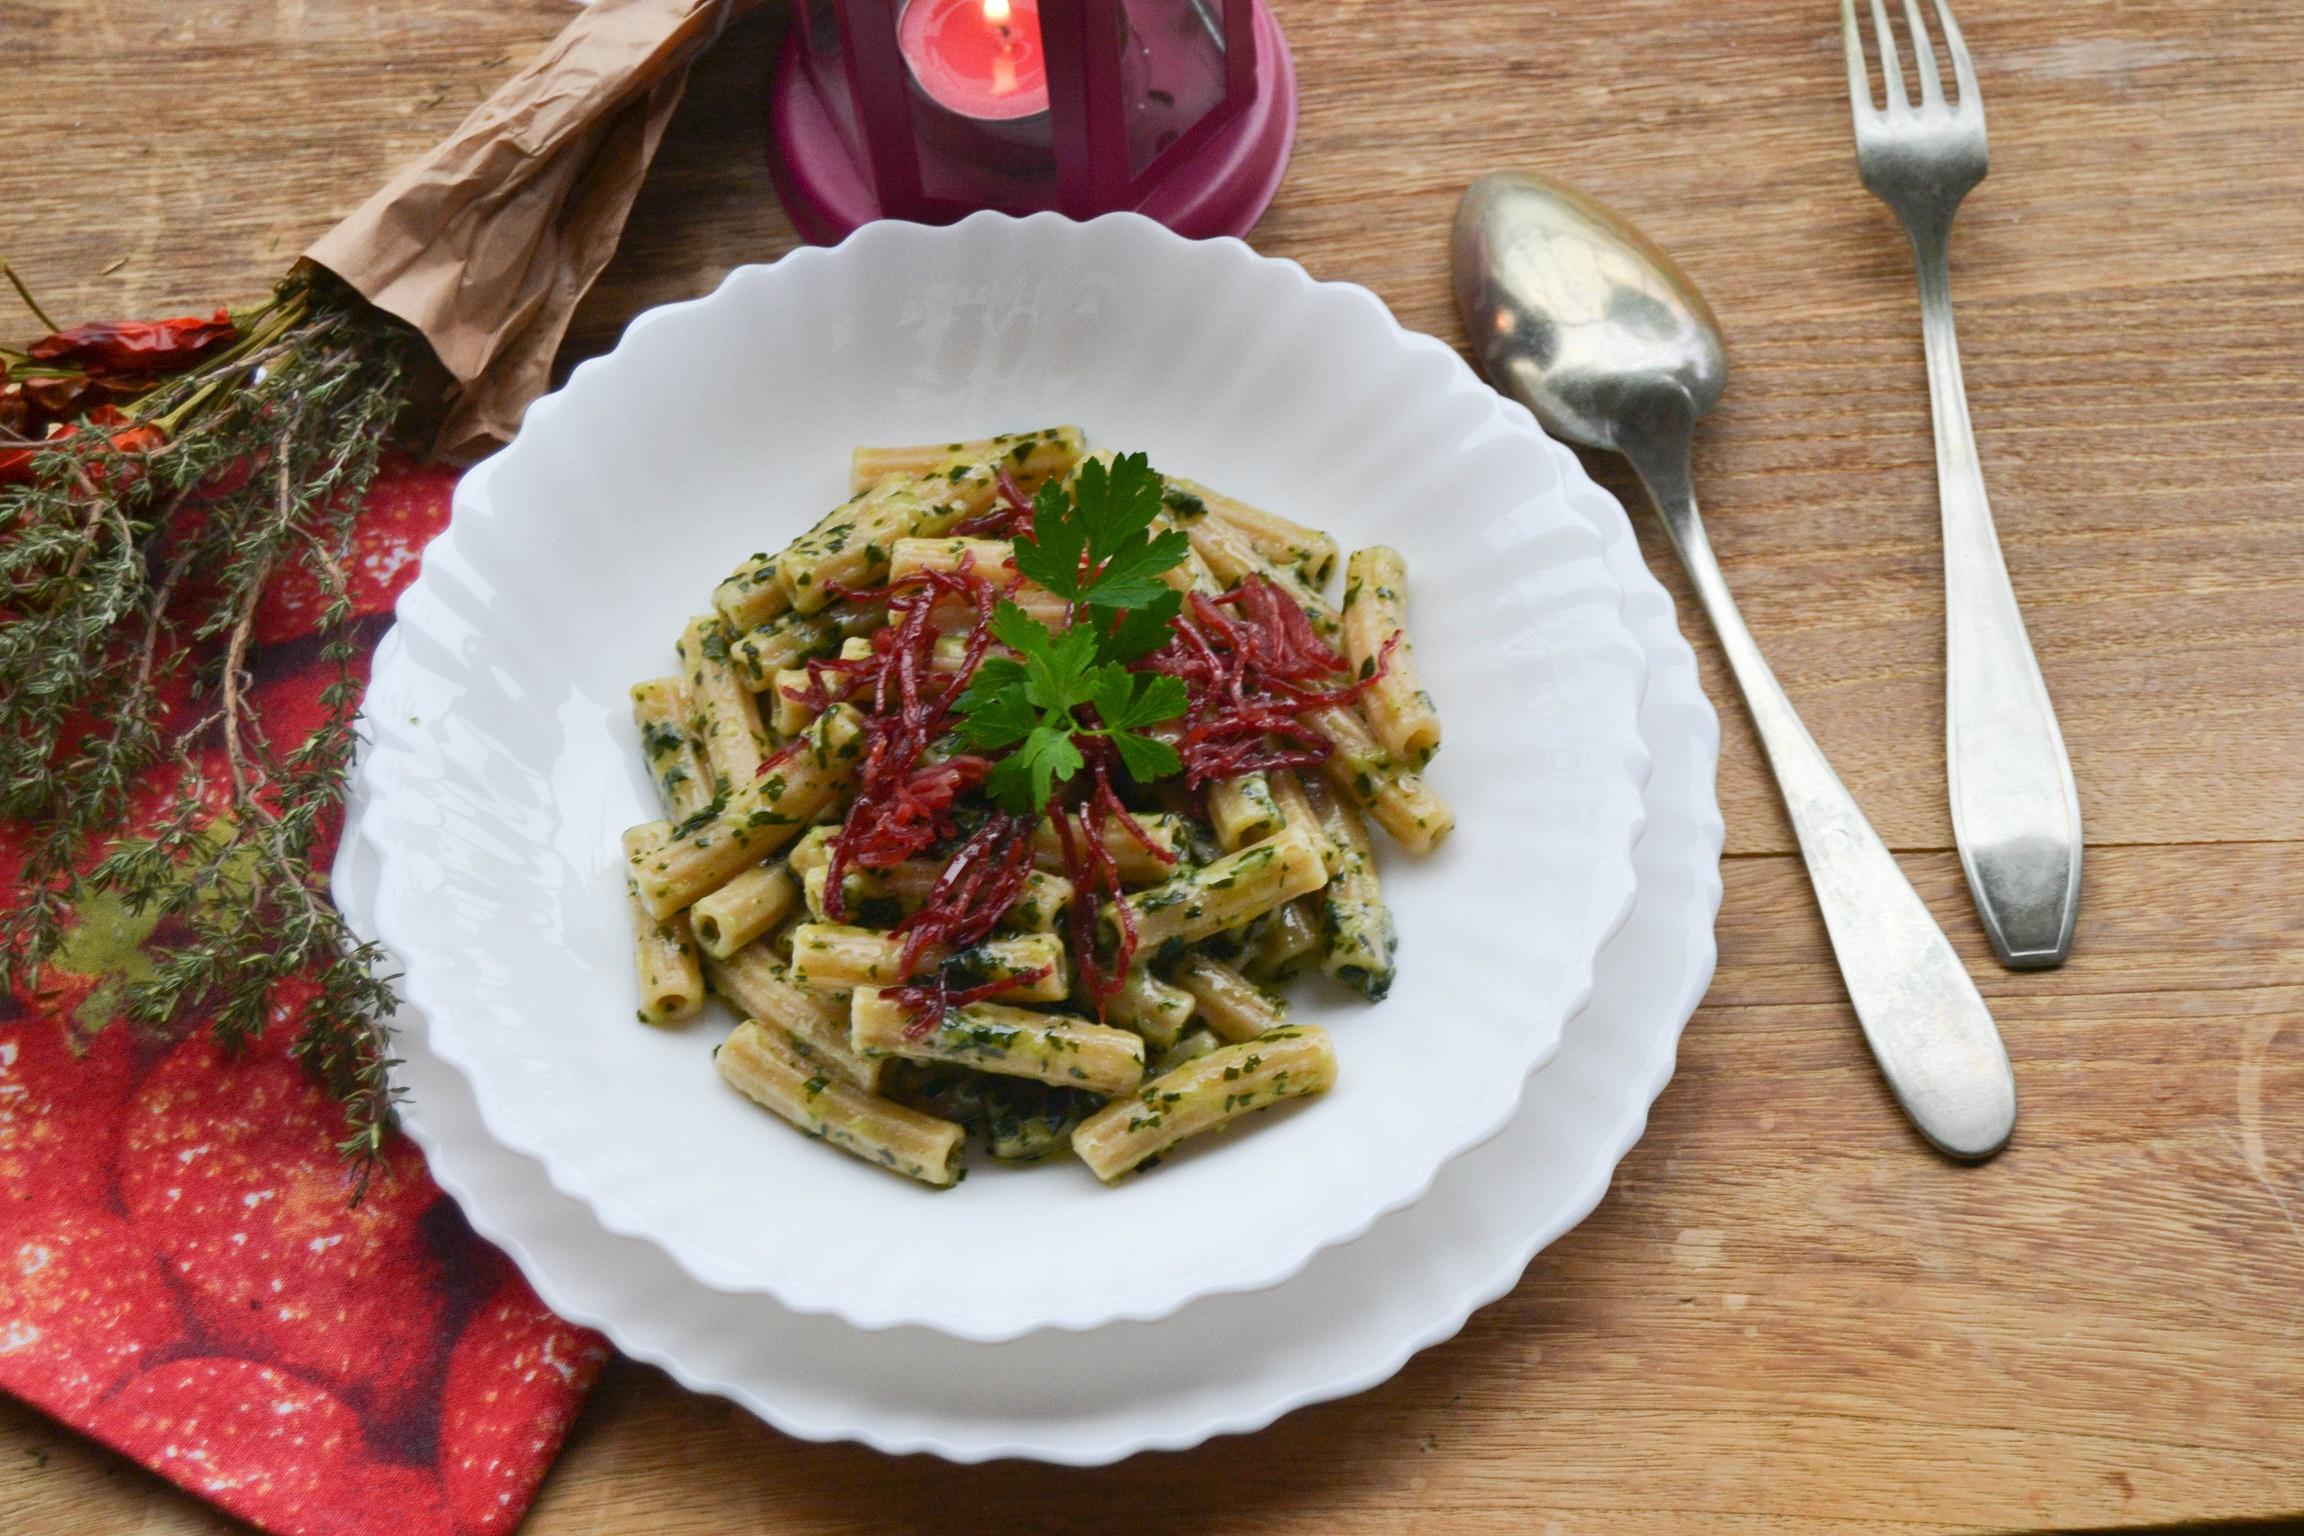 Sedani con mix di insalate portulaca e scaglie di bresaola